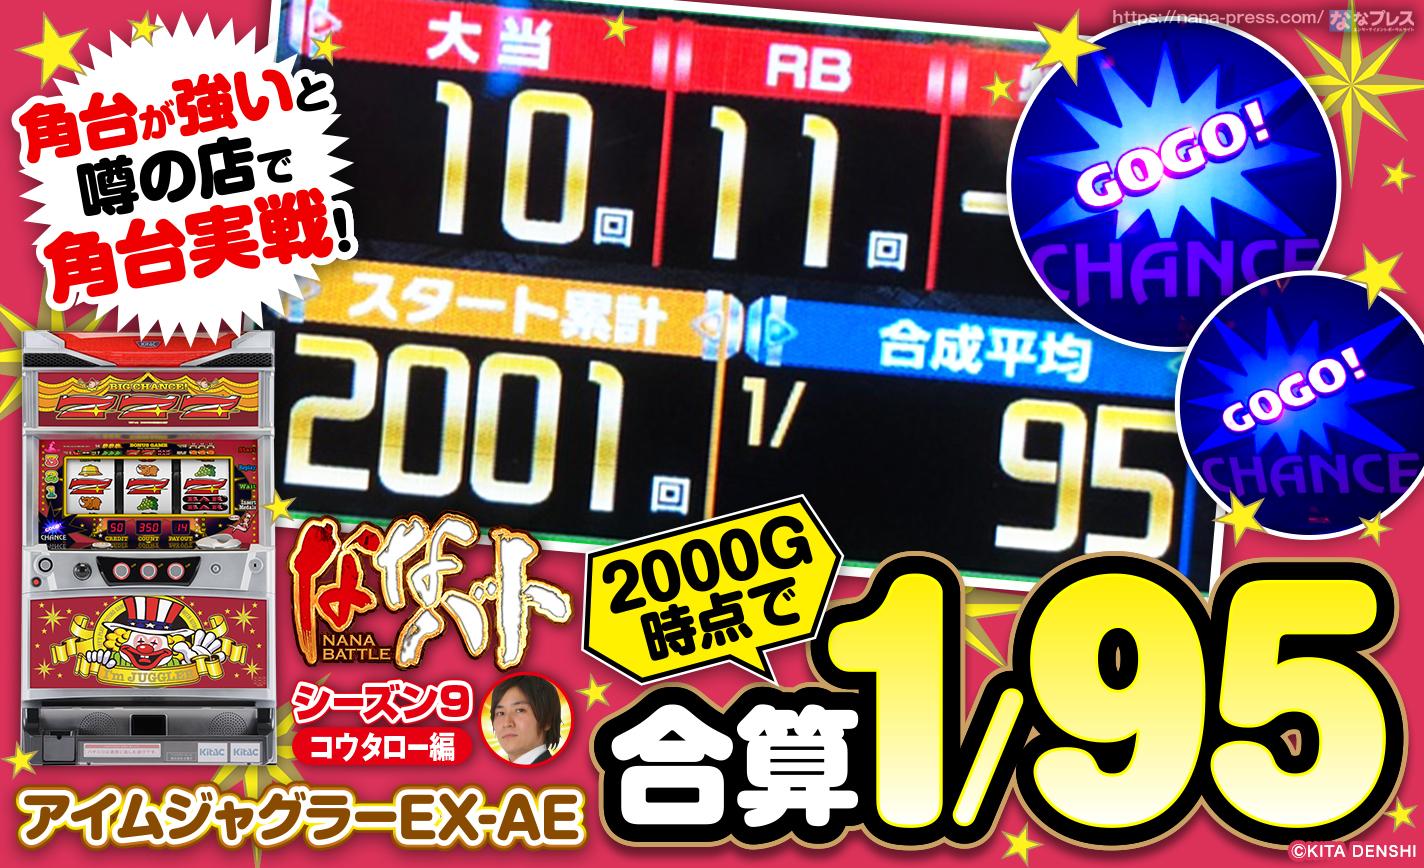 【アイムジャグラーEX-AE】2000G時点で合算1/95!角台が強いと噂の店で角台のアイムを打ってみた! eyecatch-image